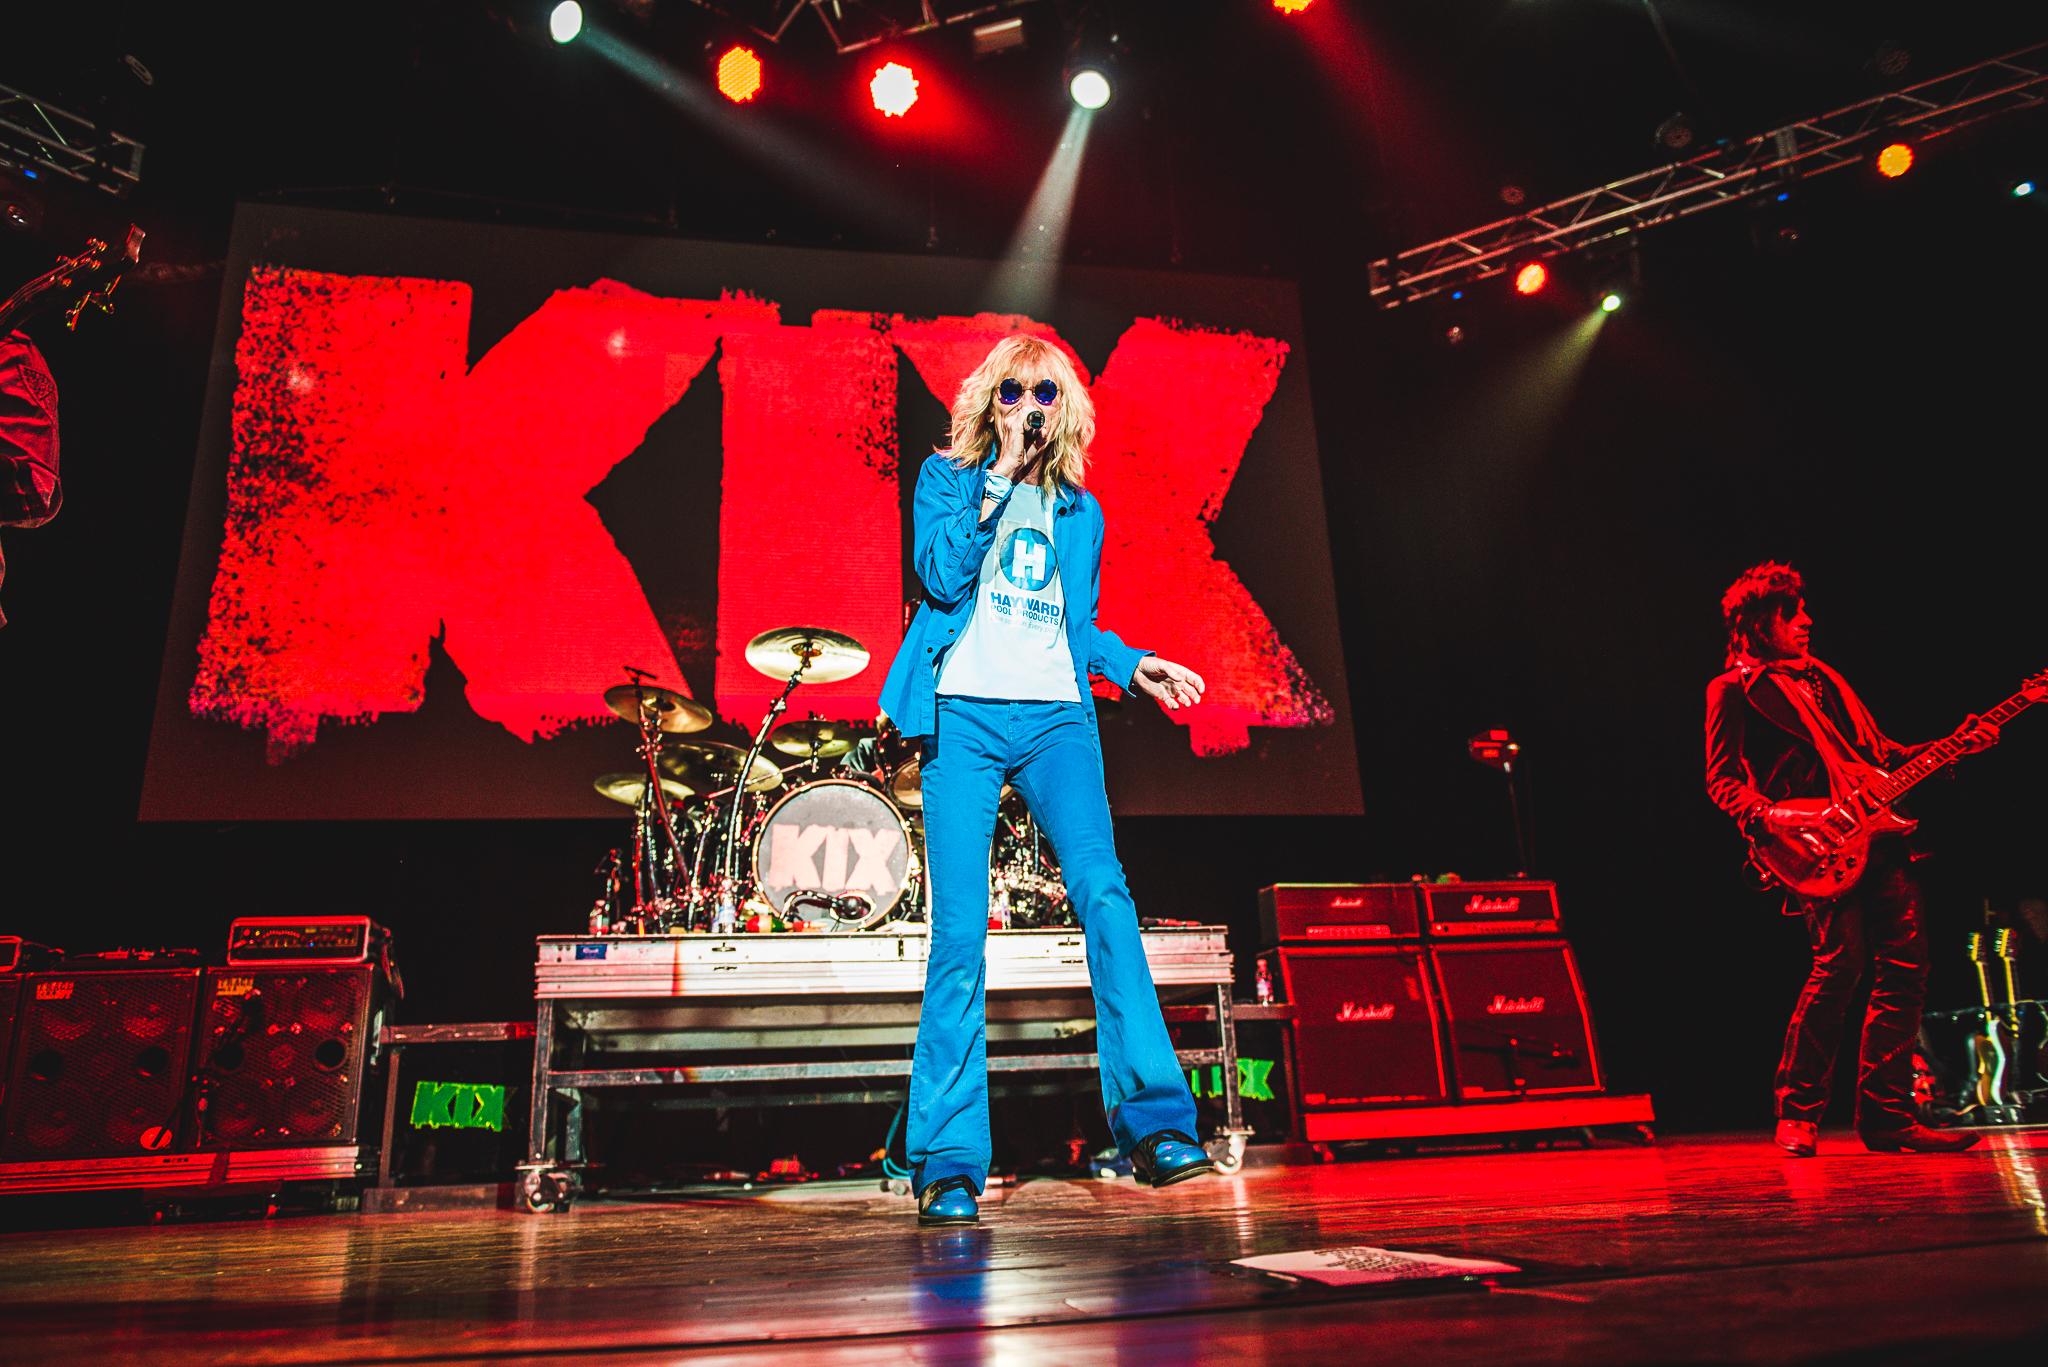 Kix (1 of 17).jpg